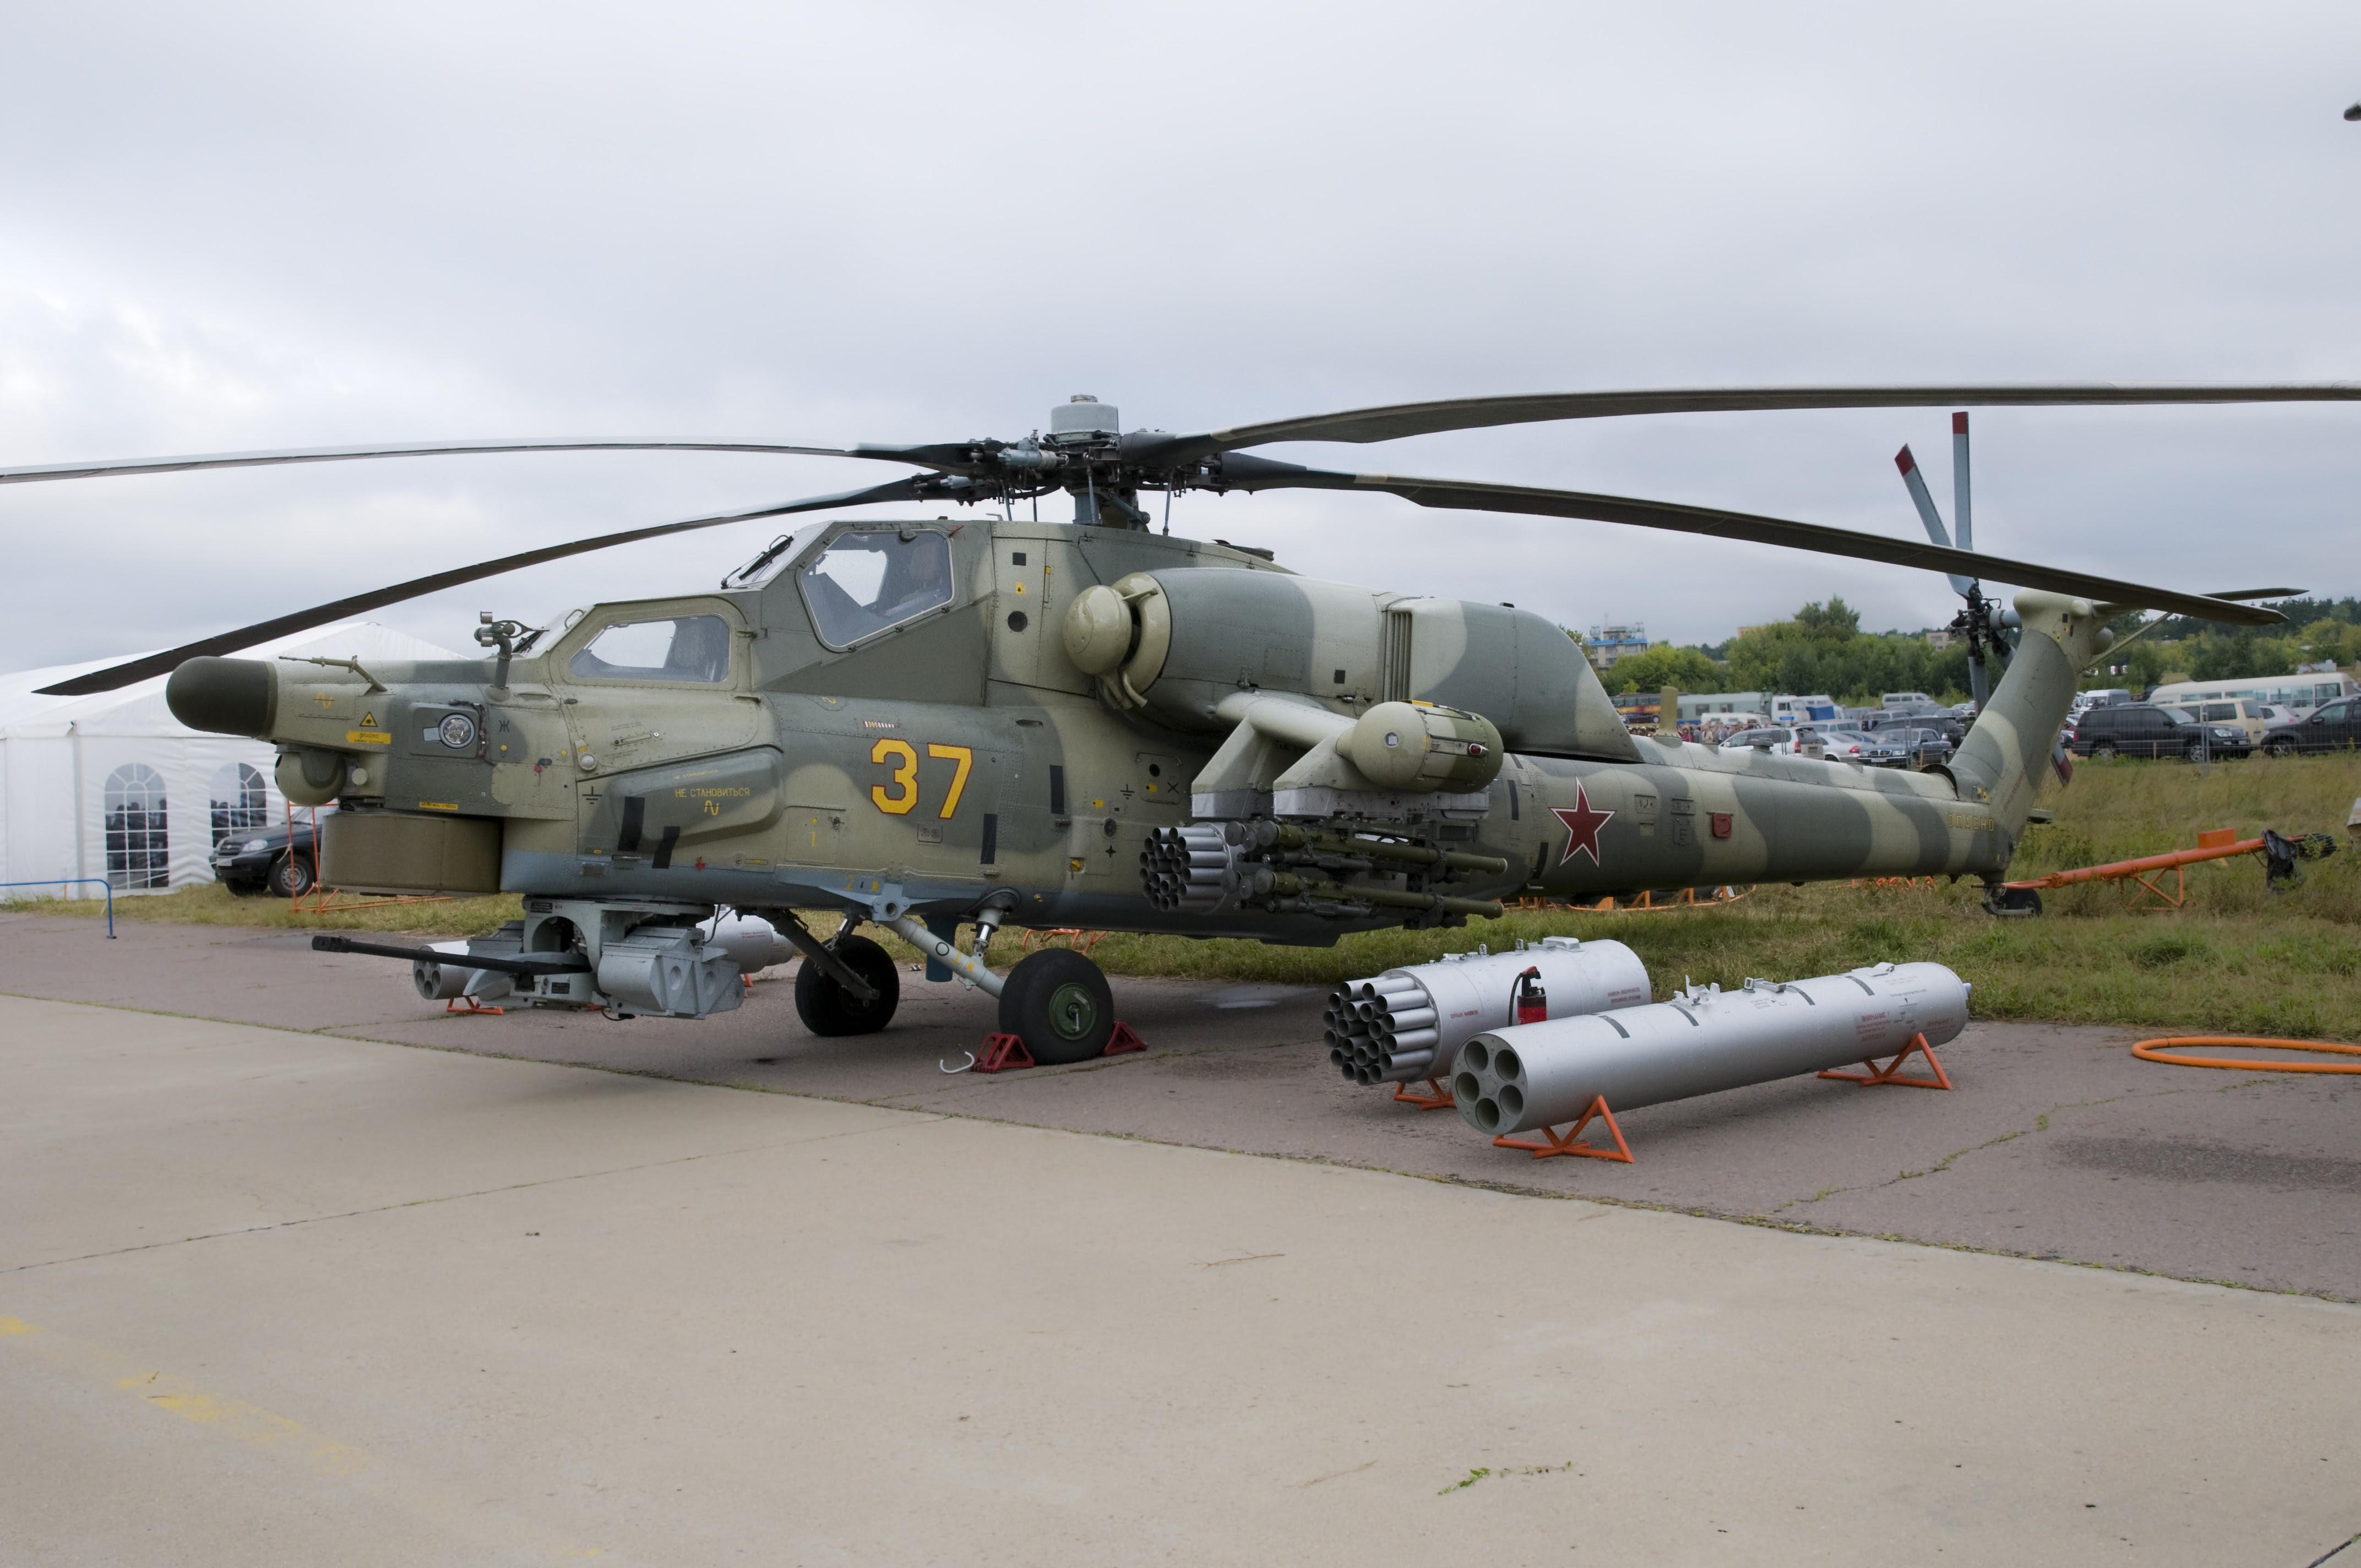 Resultado de imagen de Ka-226-80 y Ka-52, los cazas MiG-29 y Mig-31BM, l